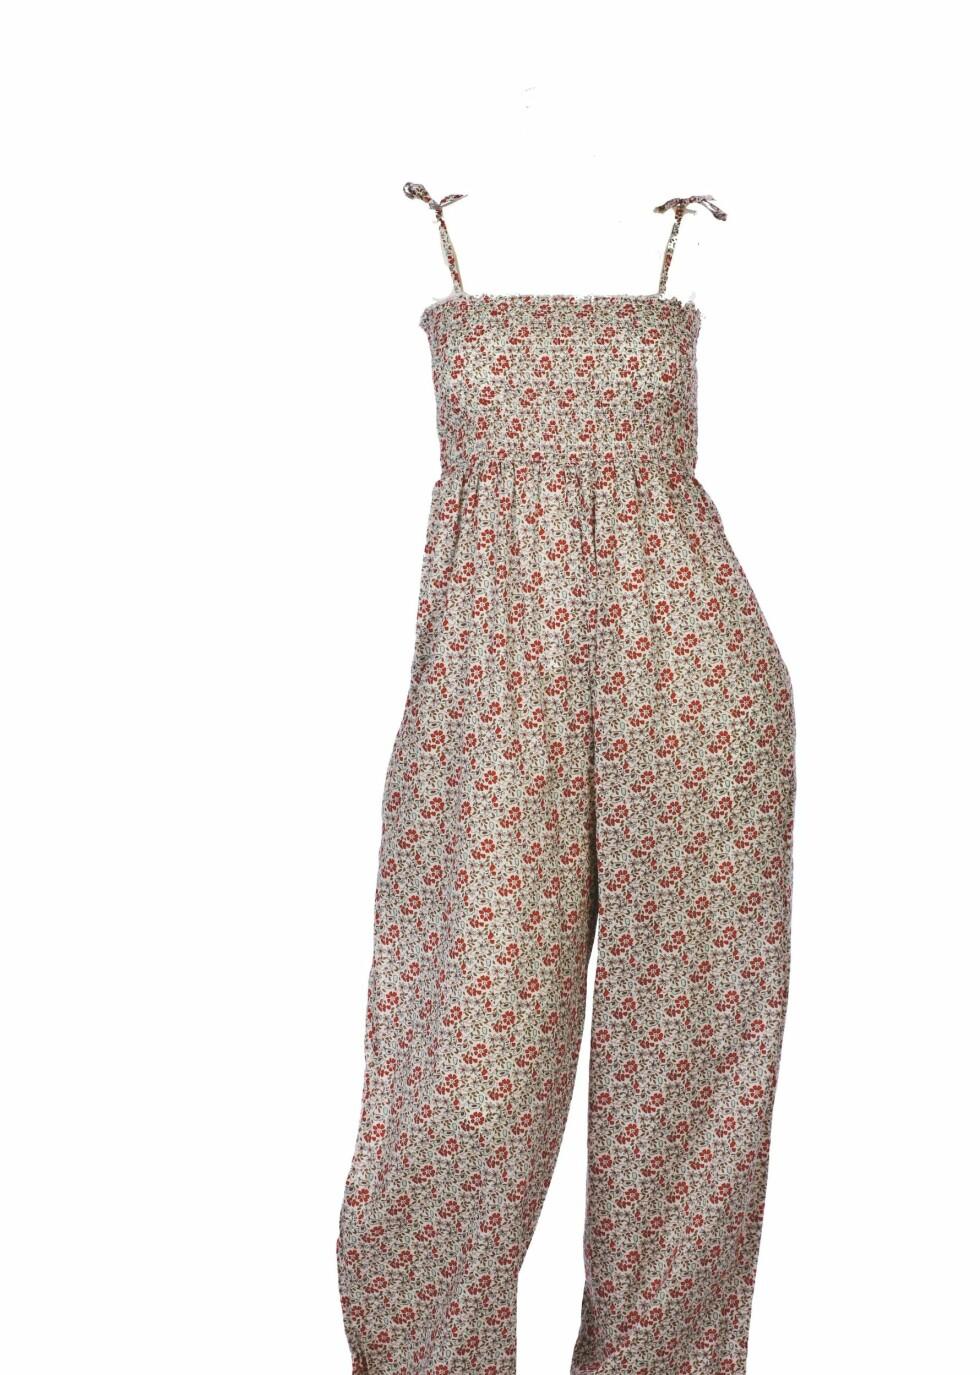 Blomstrete buksedress i bomull med vaffelmønster (kr 400, Lene V).